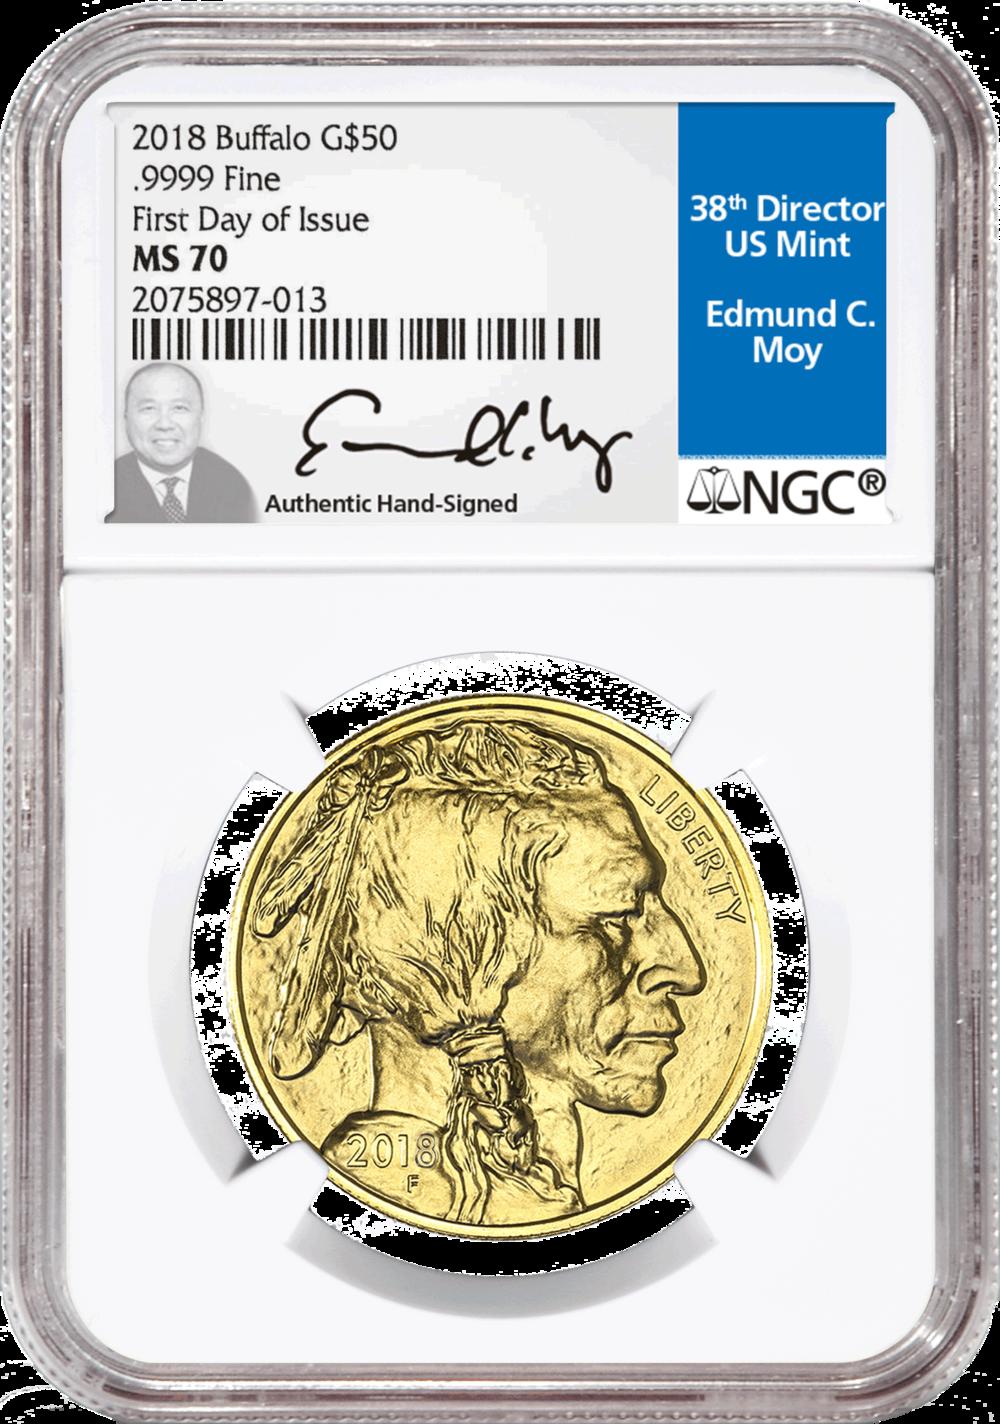 2018 $50 Buffalo Gold